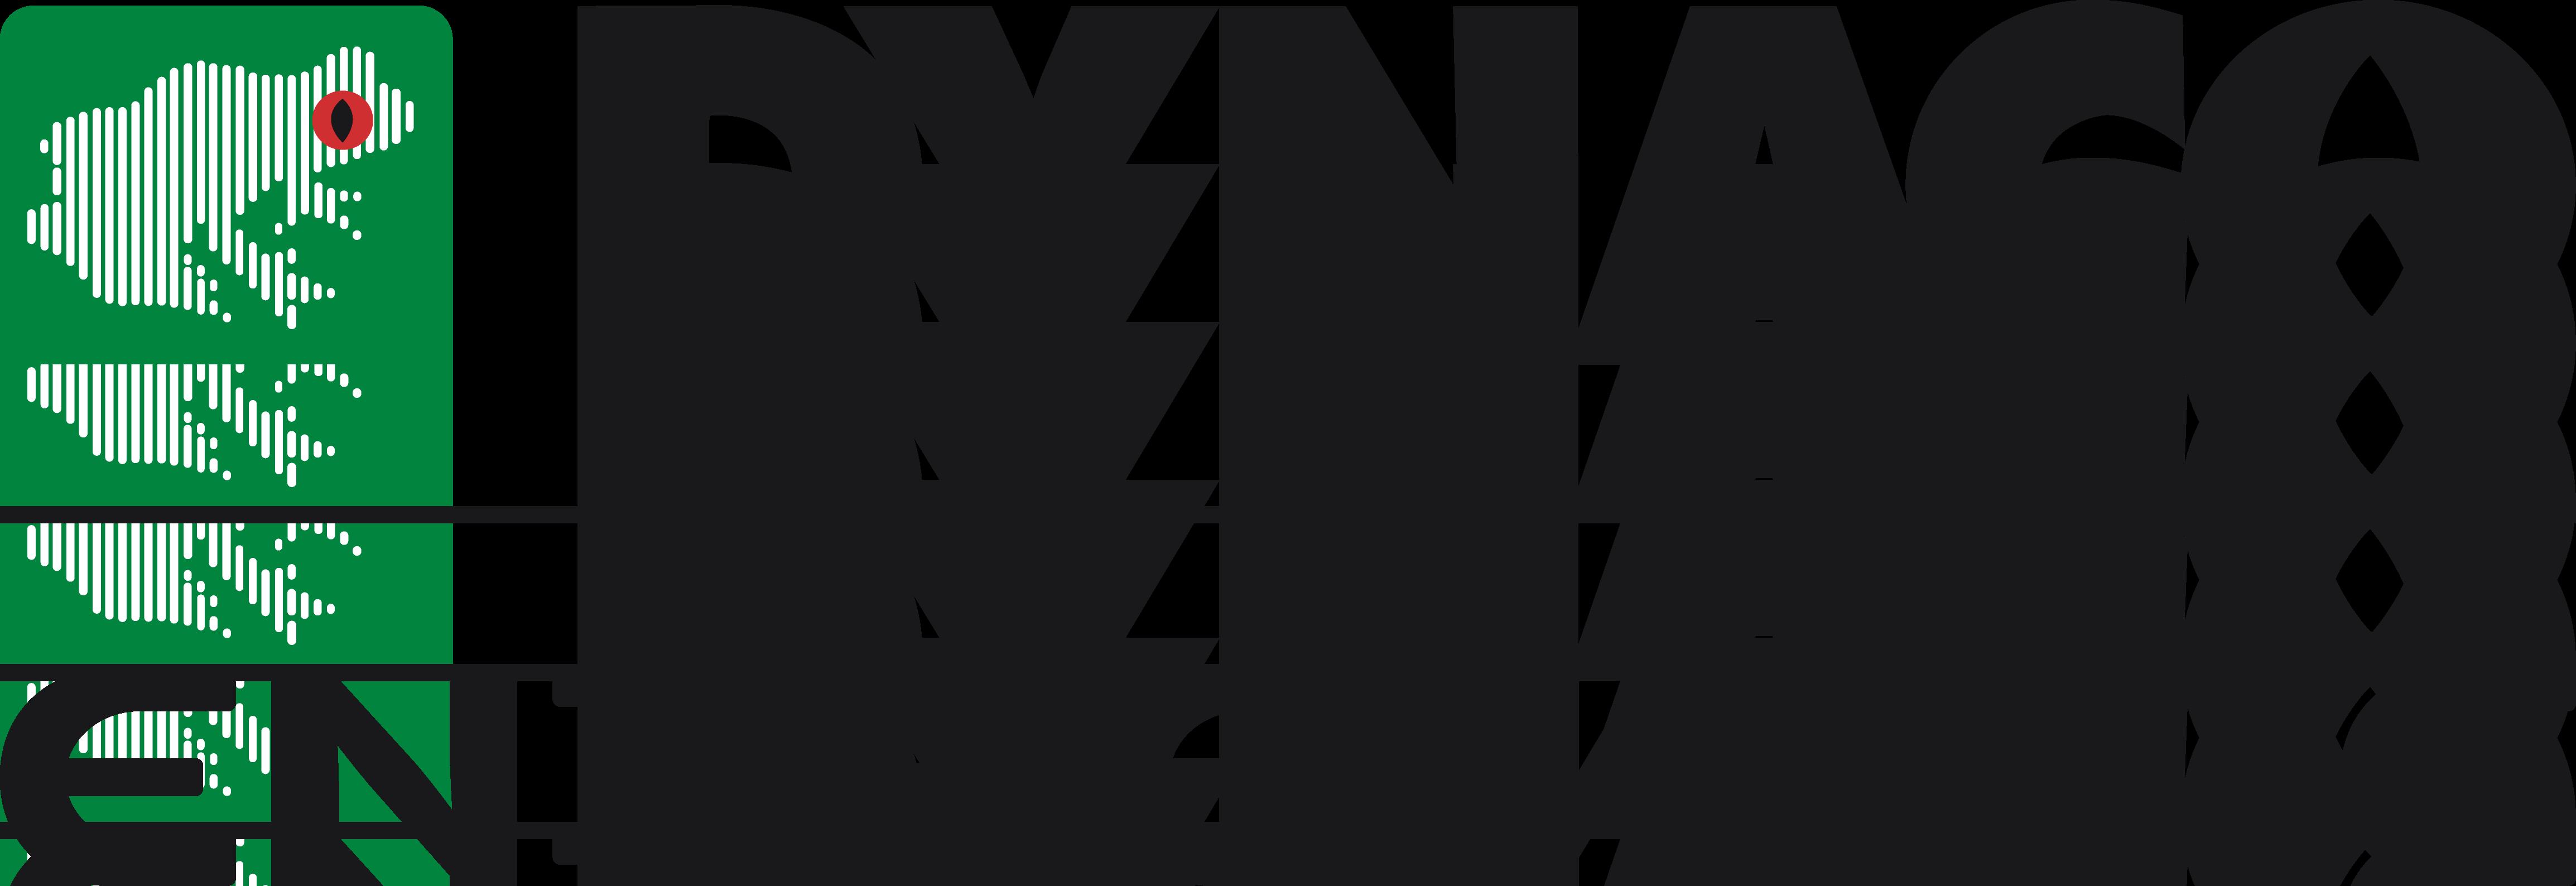 Dynaco-Entrematic-logo-CMYK